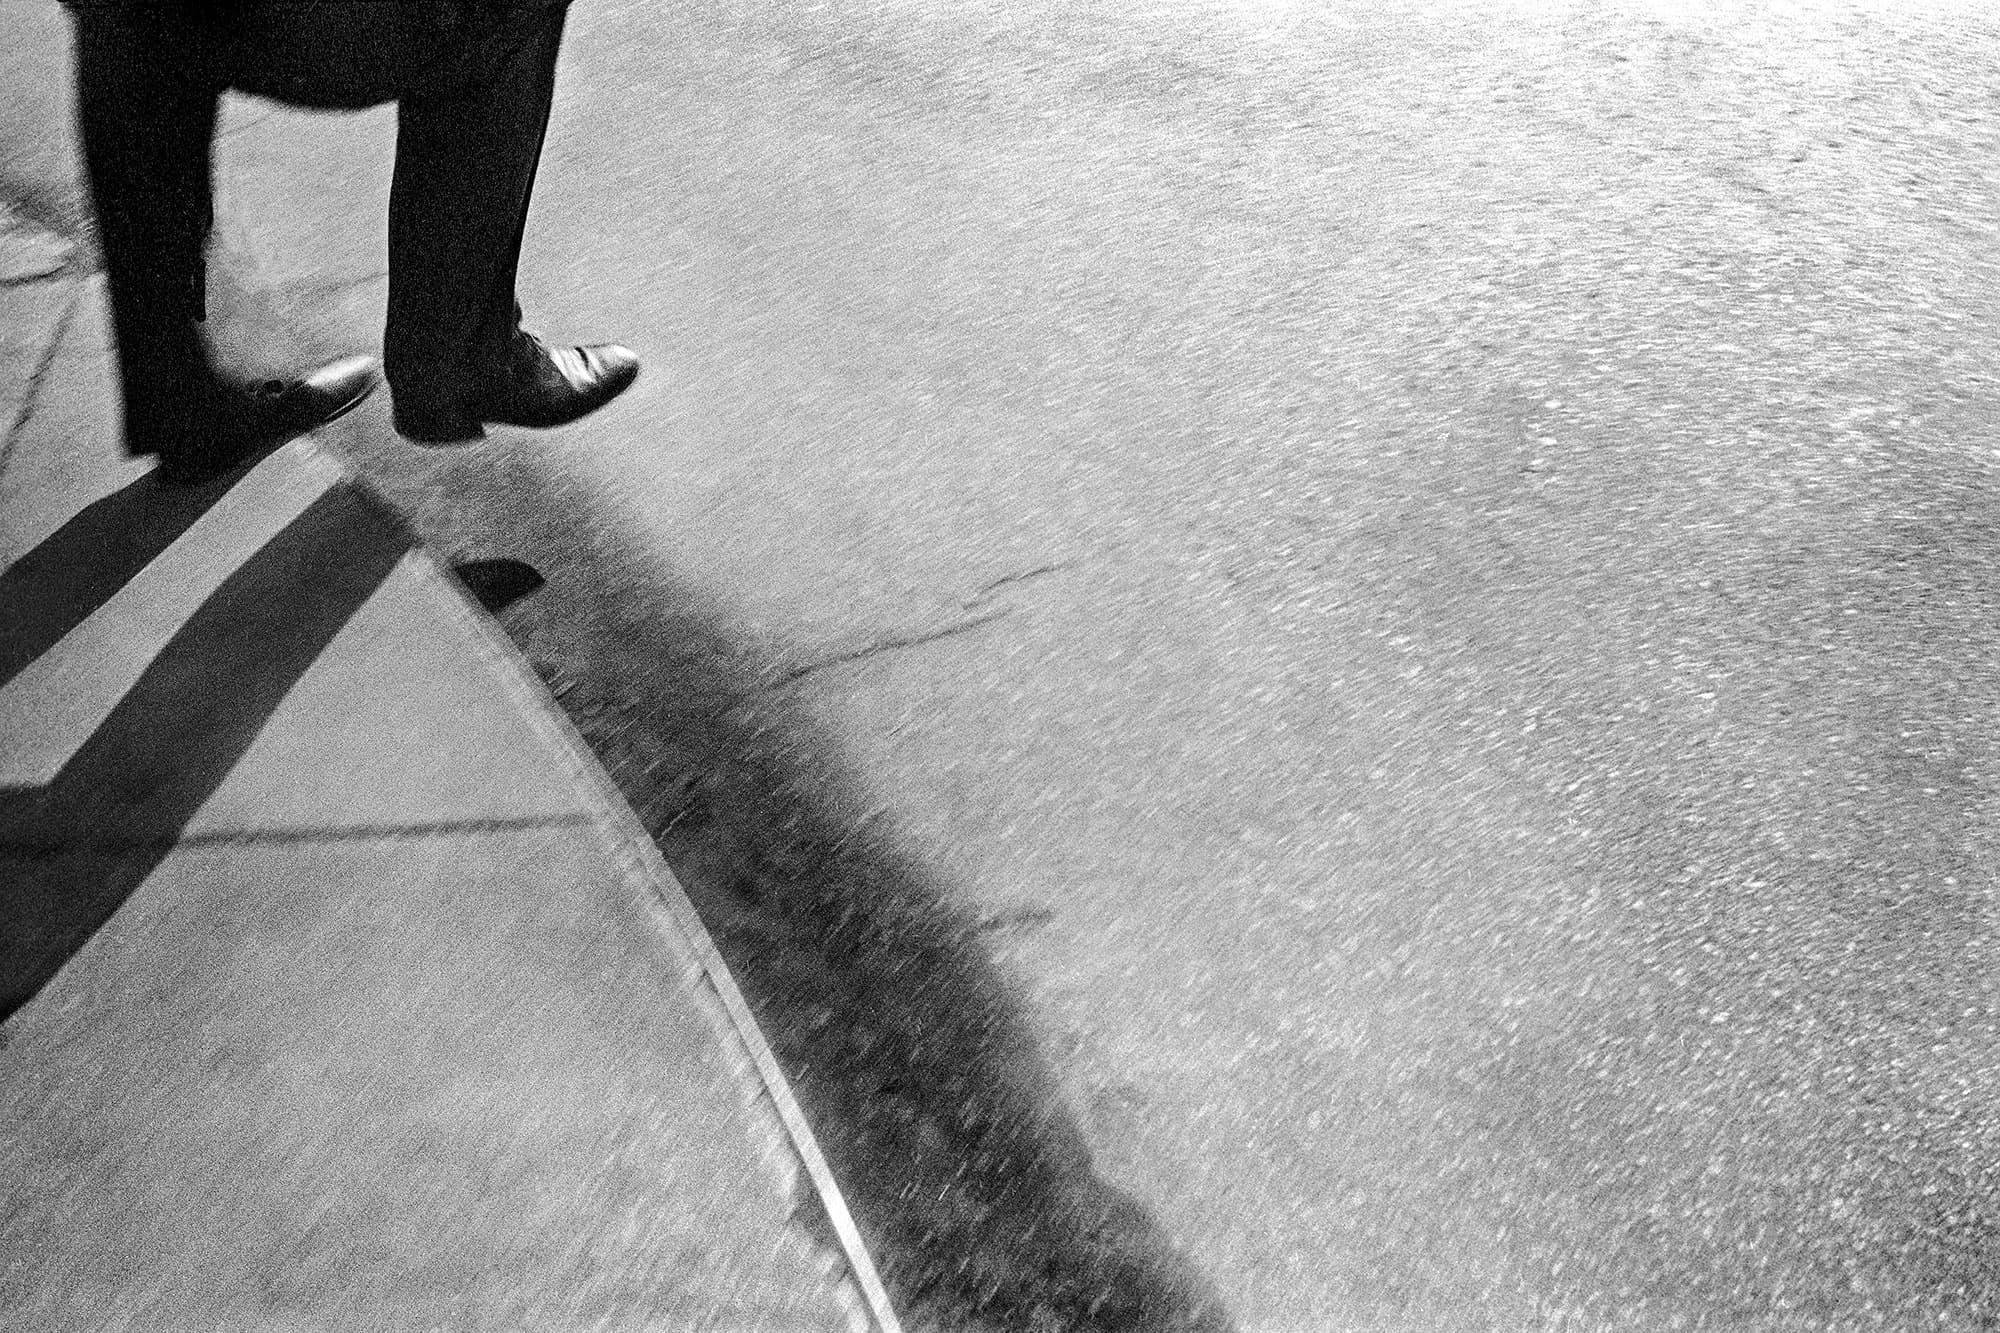 Curbside-1980 arthur lazar